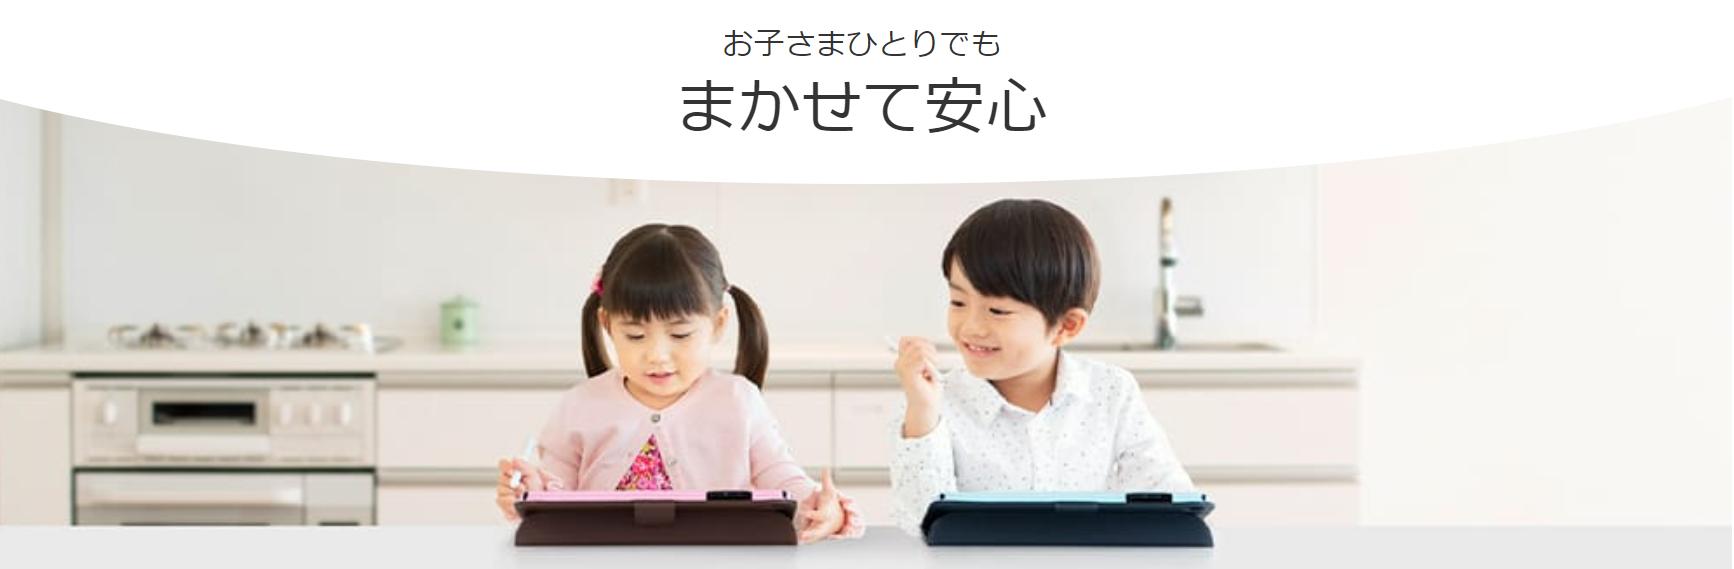 タブレットを持つ二人の幼児